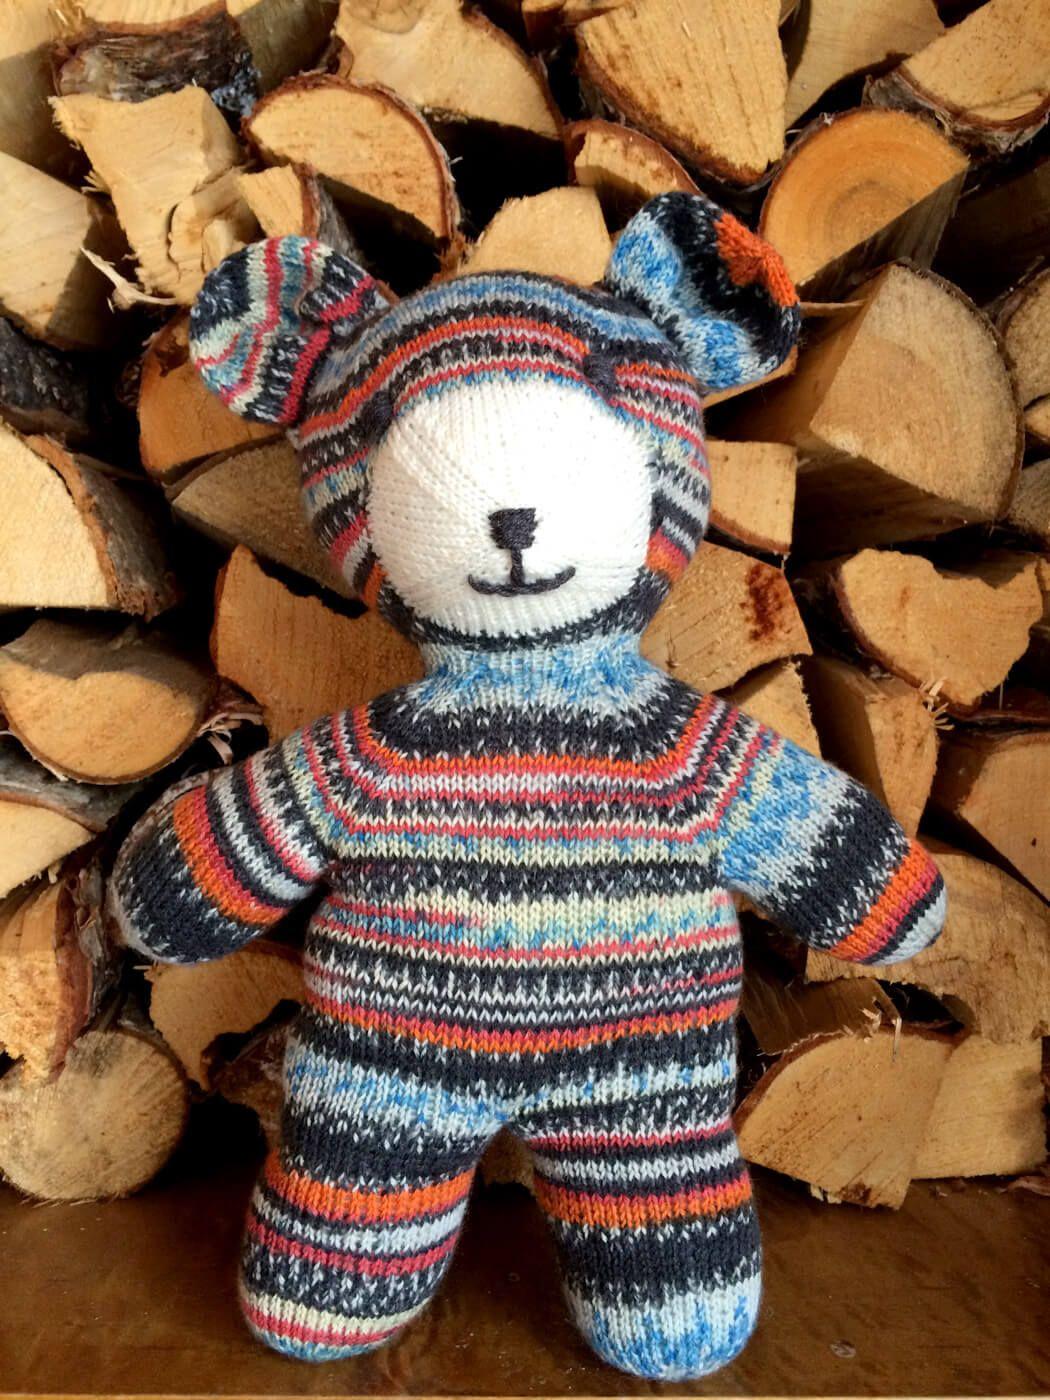 Strick-Teddy von Arne & Carlos | Pinterest | Stricken, Kuscheltiere ...